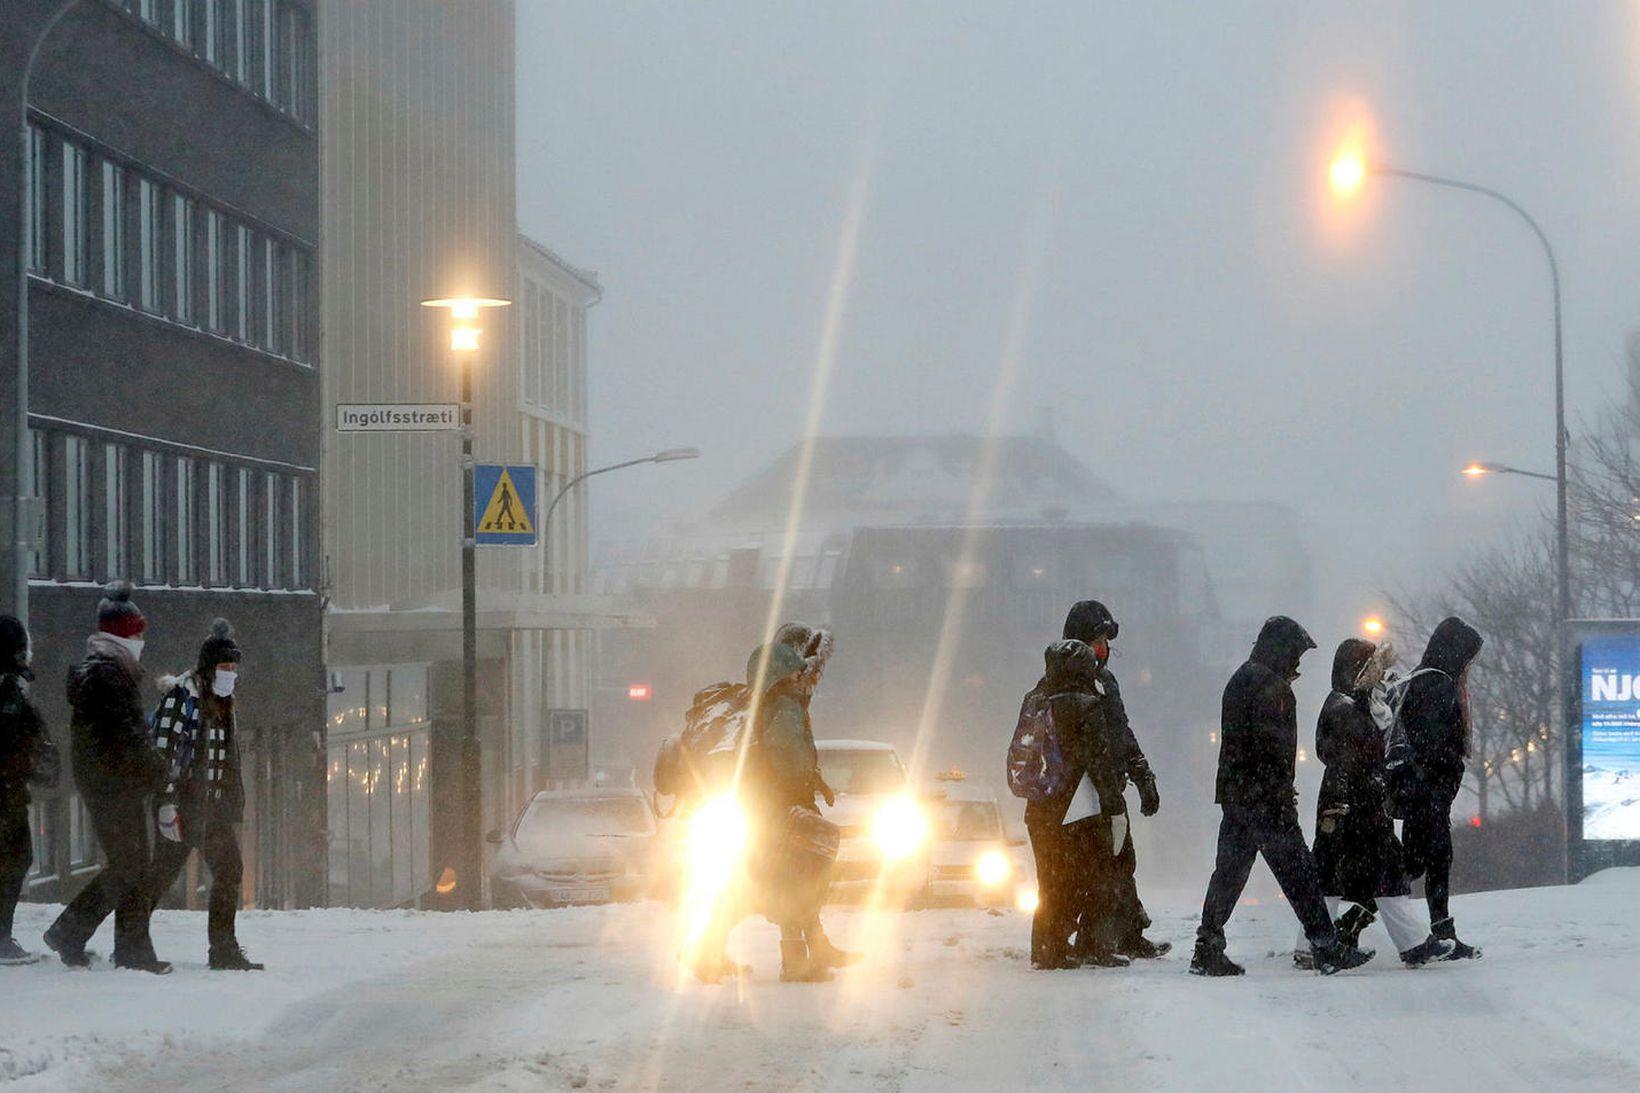 Fólk á ferðinni í miðbæ Reykjavíkur.